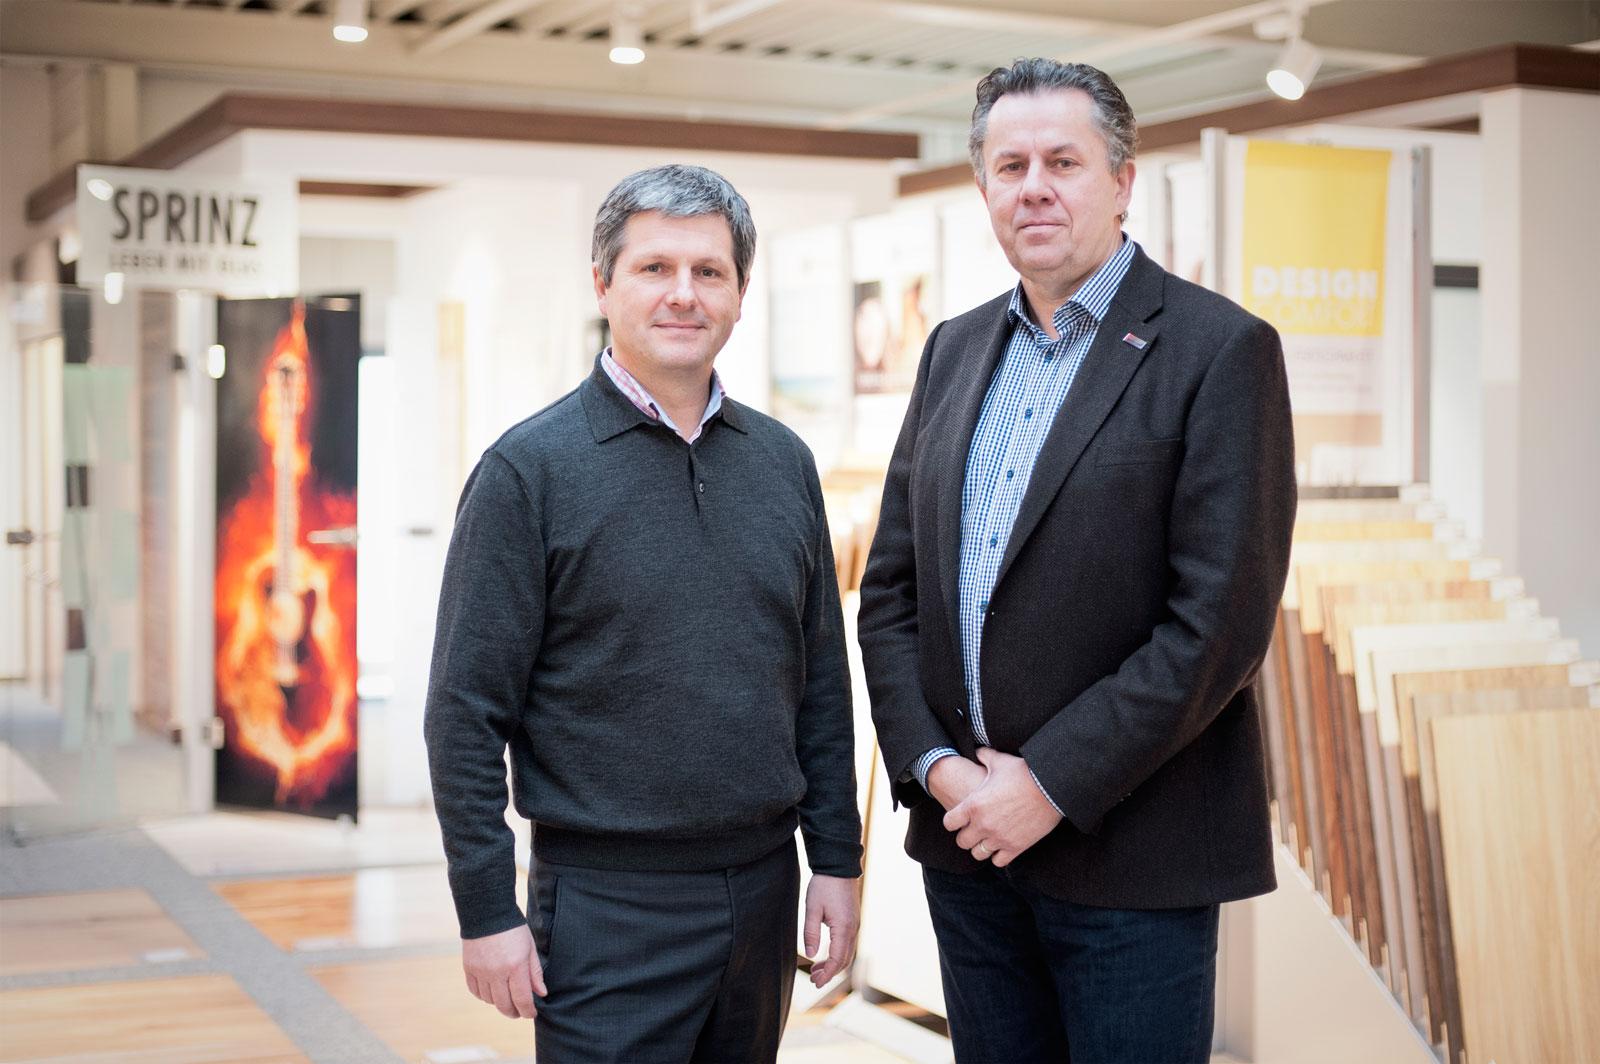 """Bauchfachhandel """"Bauen+Leben"""" GmbH & Co. KG - """"Netzwerker"""" rund ums Bauen und Wohnen"""